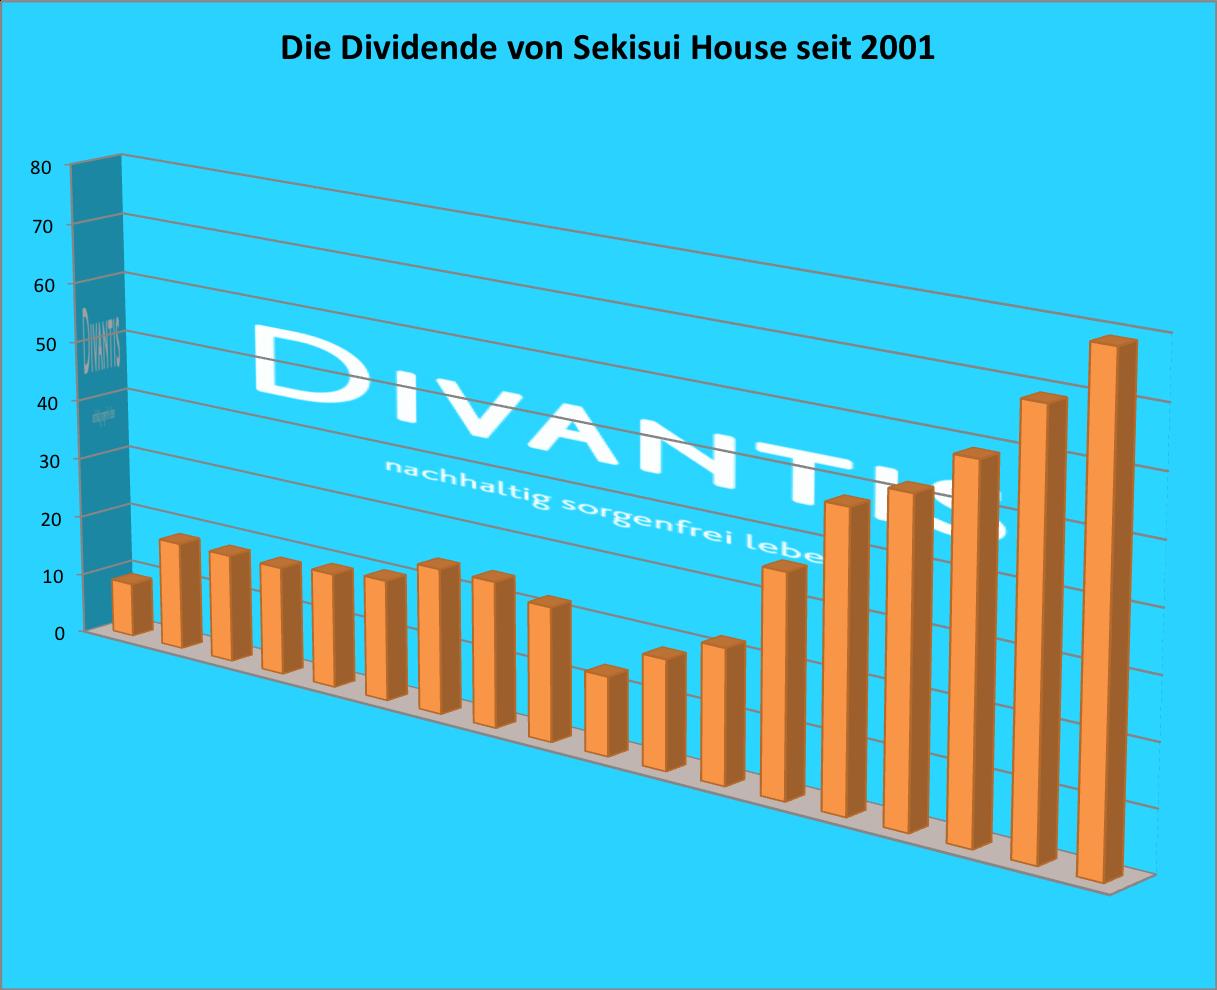 Die Dividendenhistorie von Sekisui House